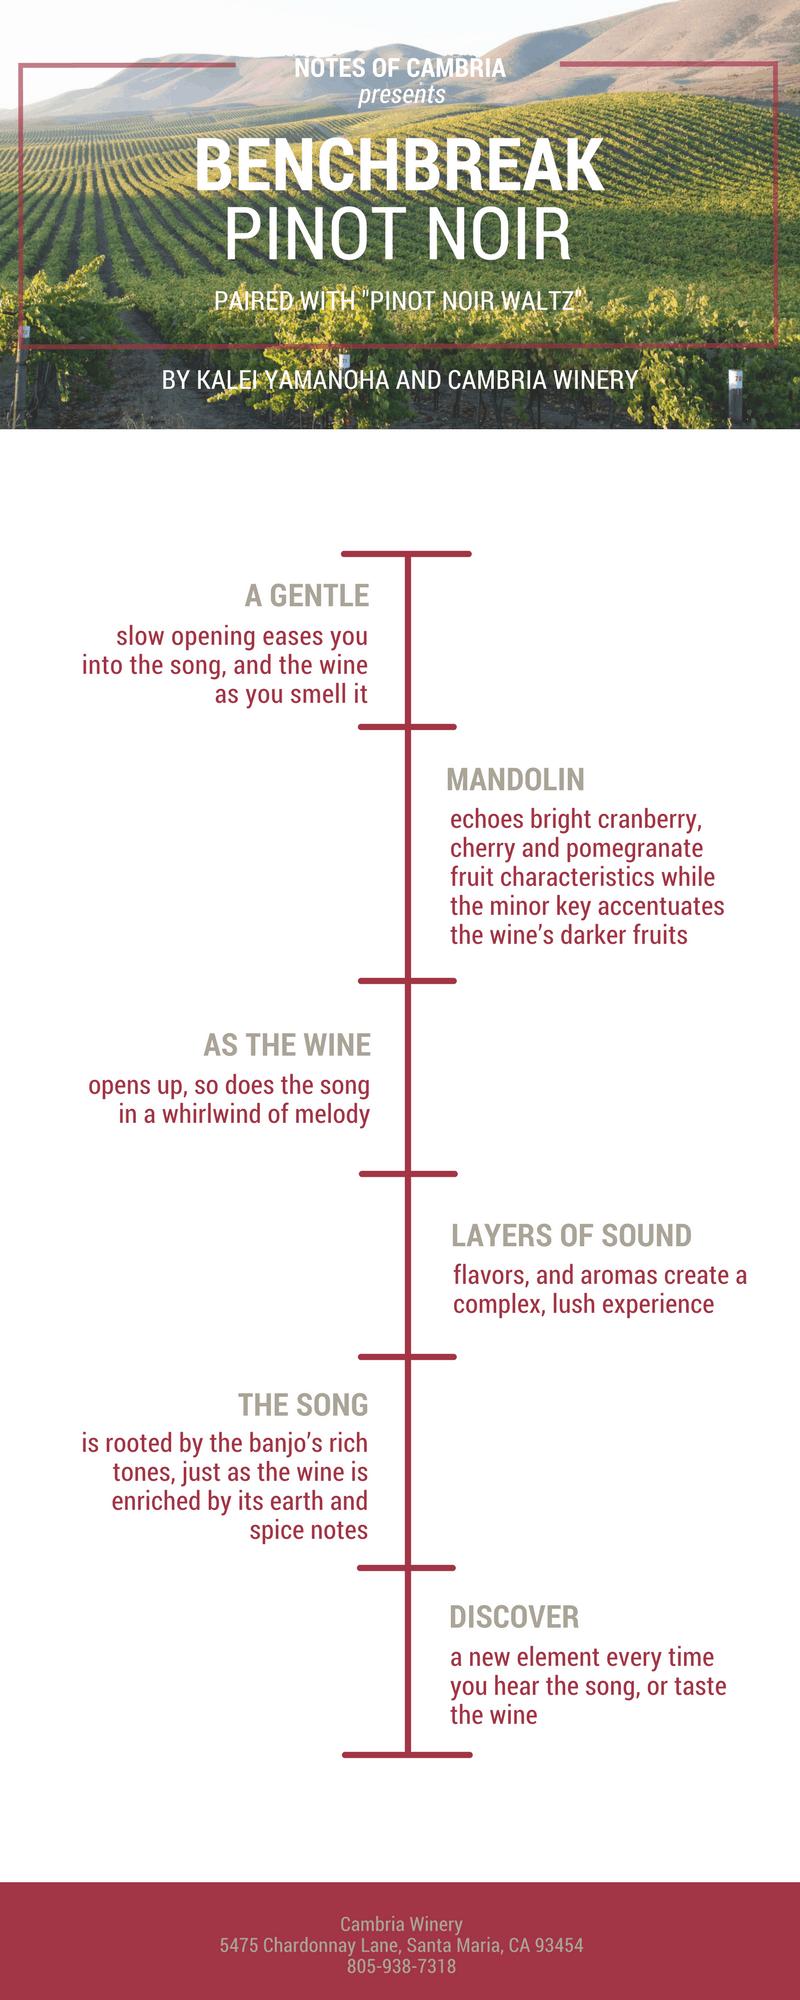 notes of cambria